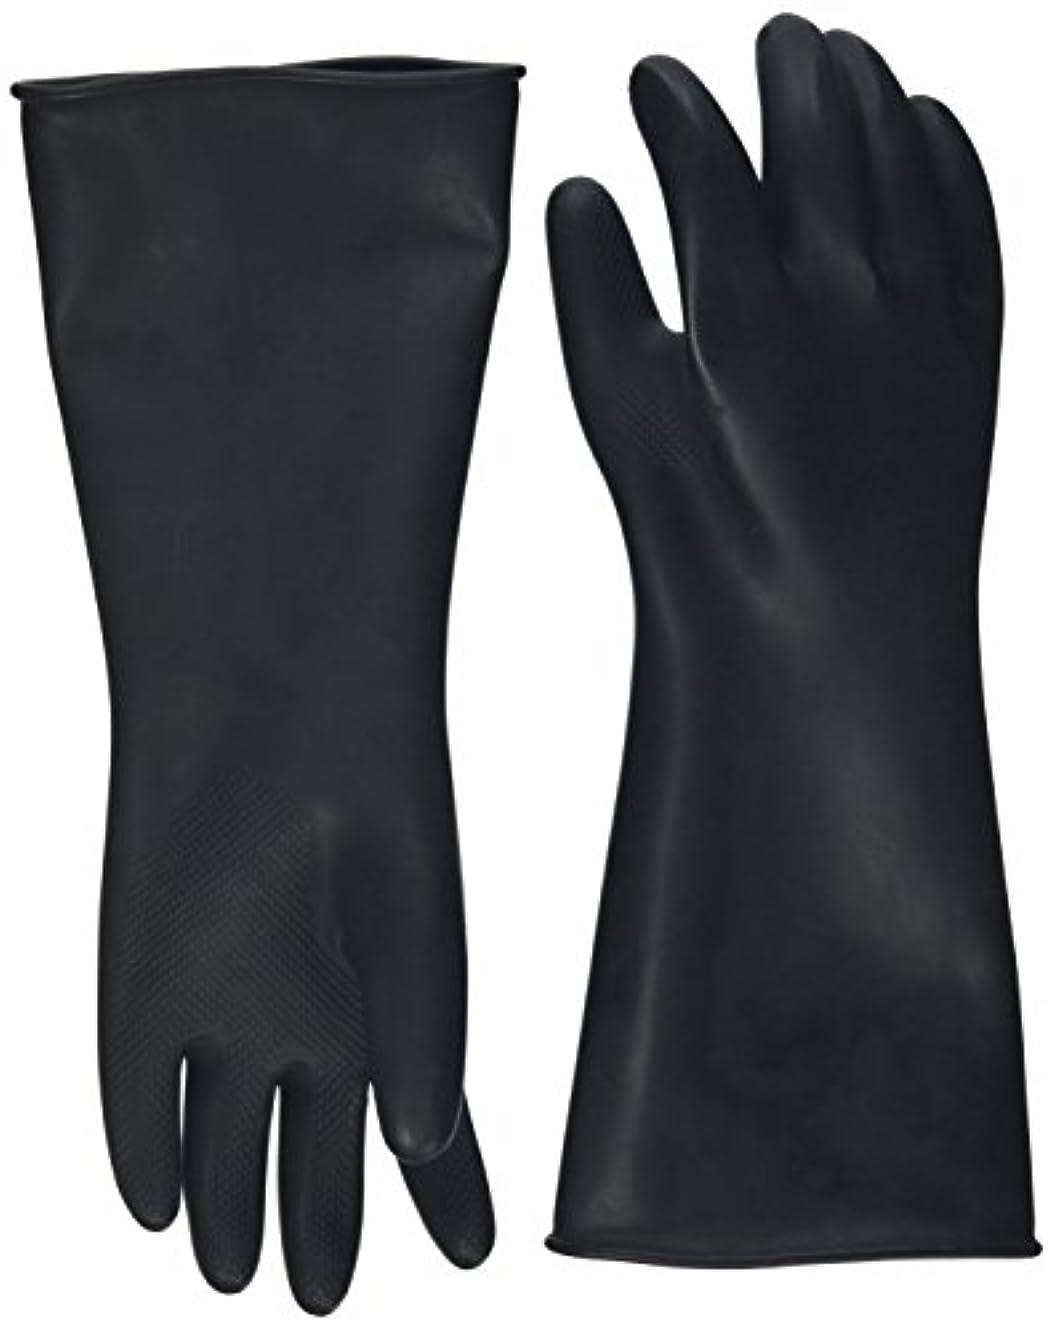 やる盆地以上ハナキゴム 工業用手袋ハナローブ No.436 滑り止め付き曲指型 ブラック